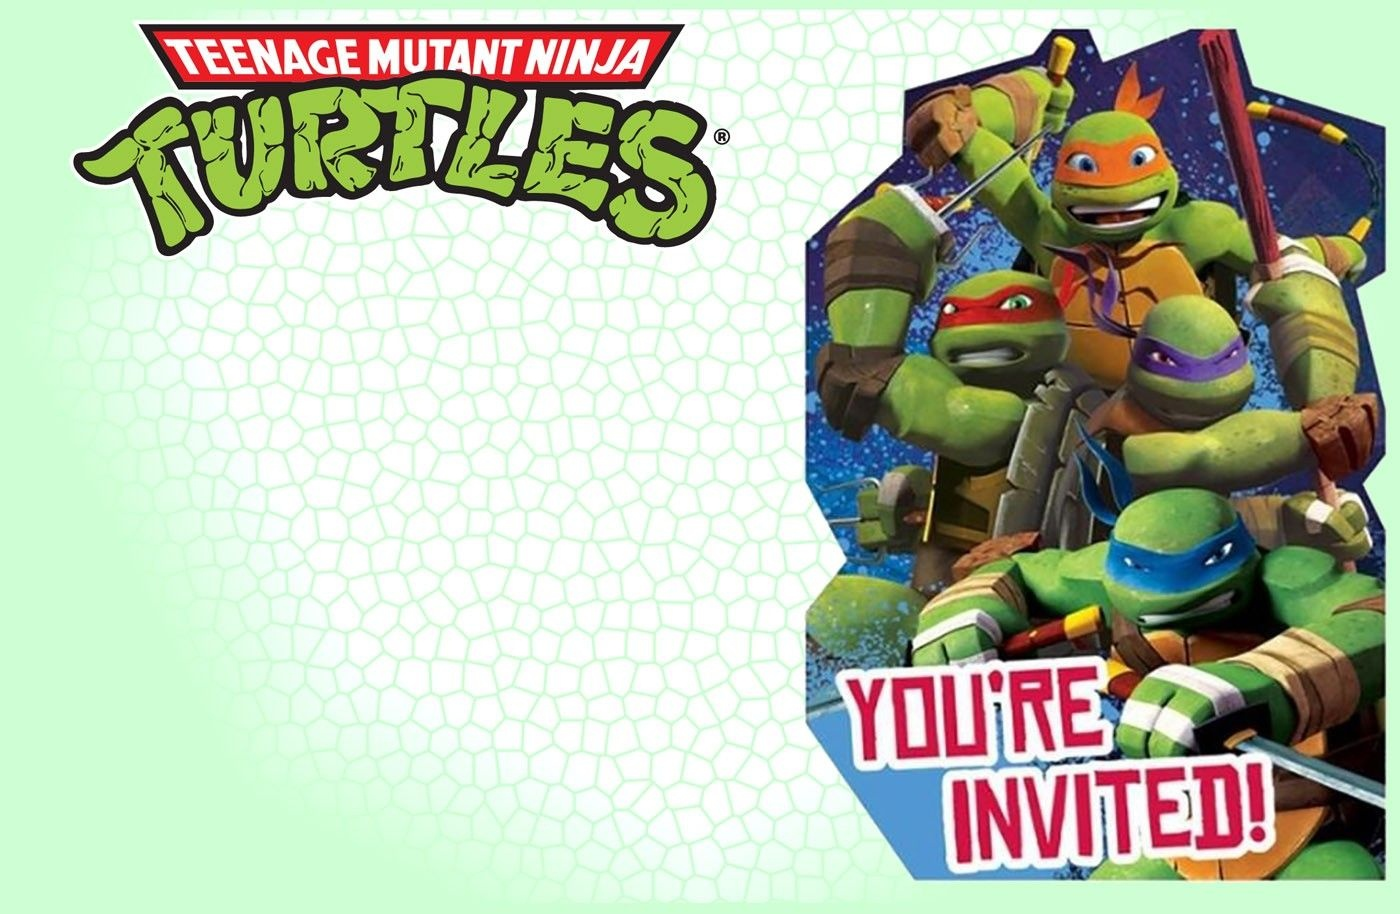 Editable Ninja Turtle Invitation Template | Tkb Printables In 2019 - Free Printable Tmnt Birthday Party Invitations